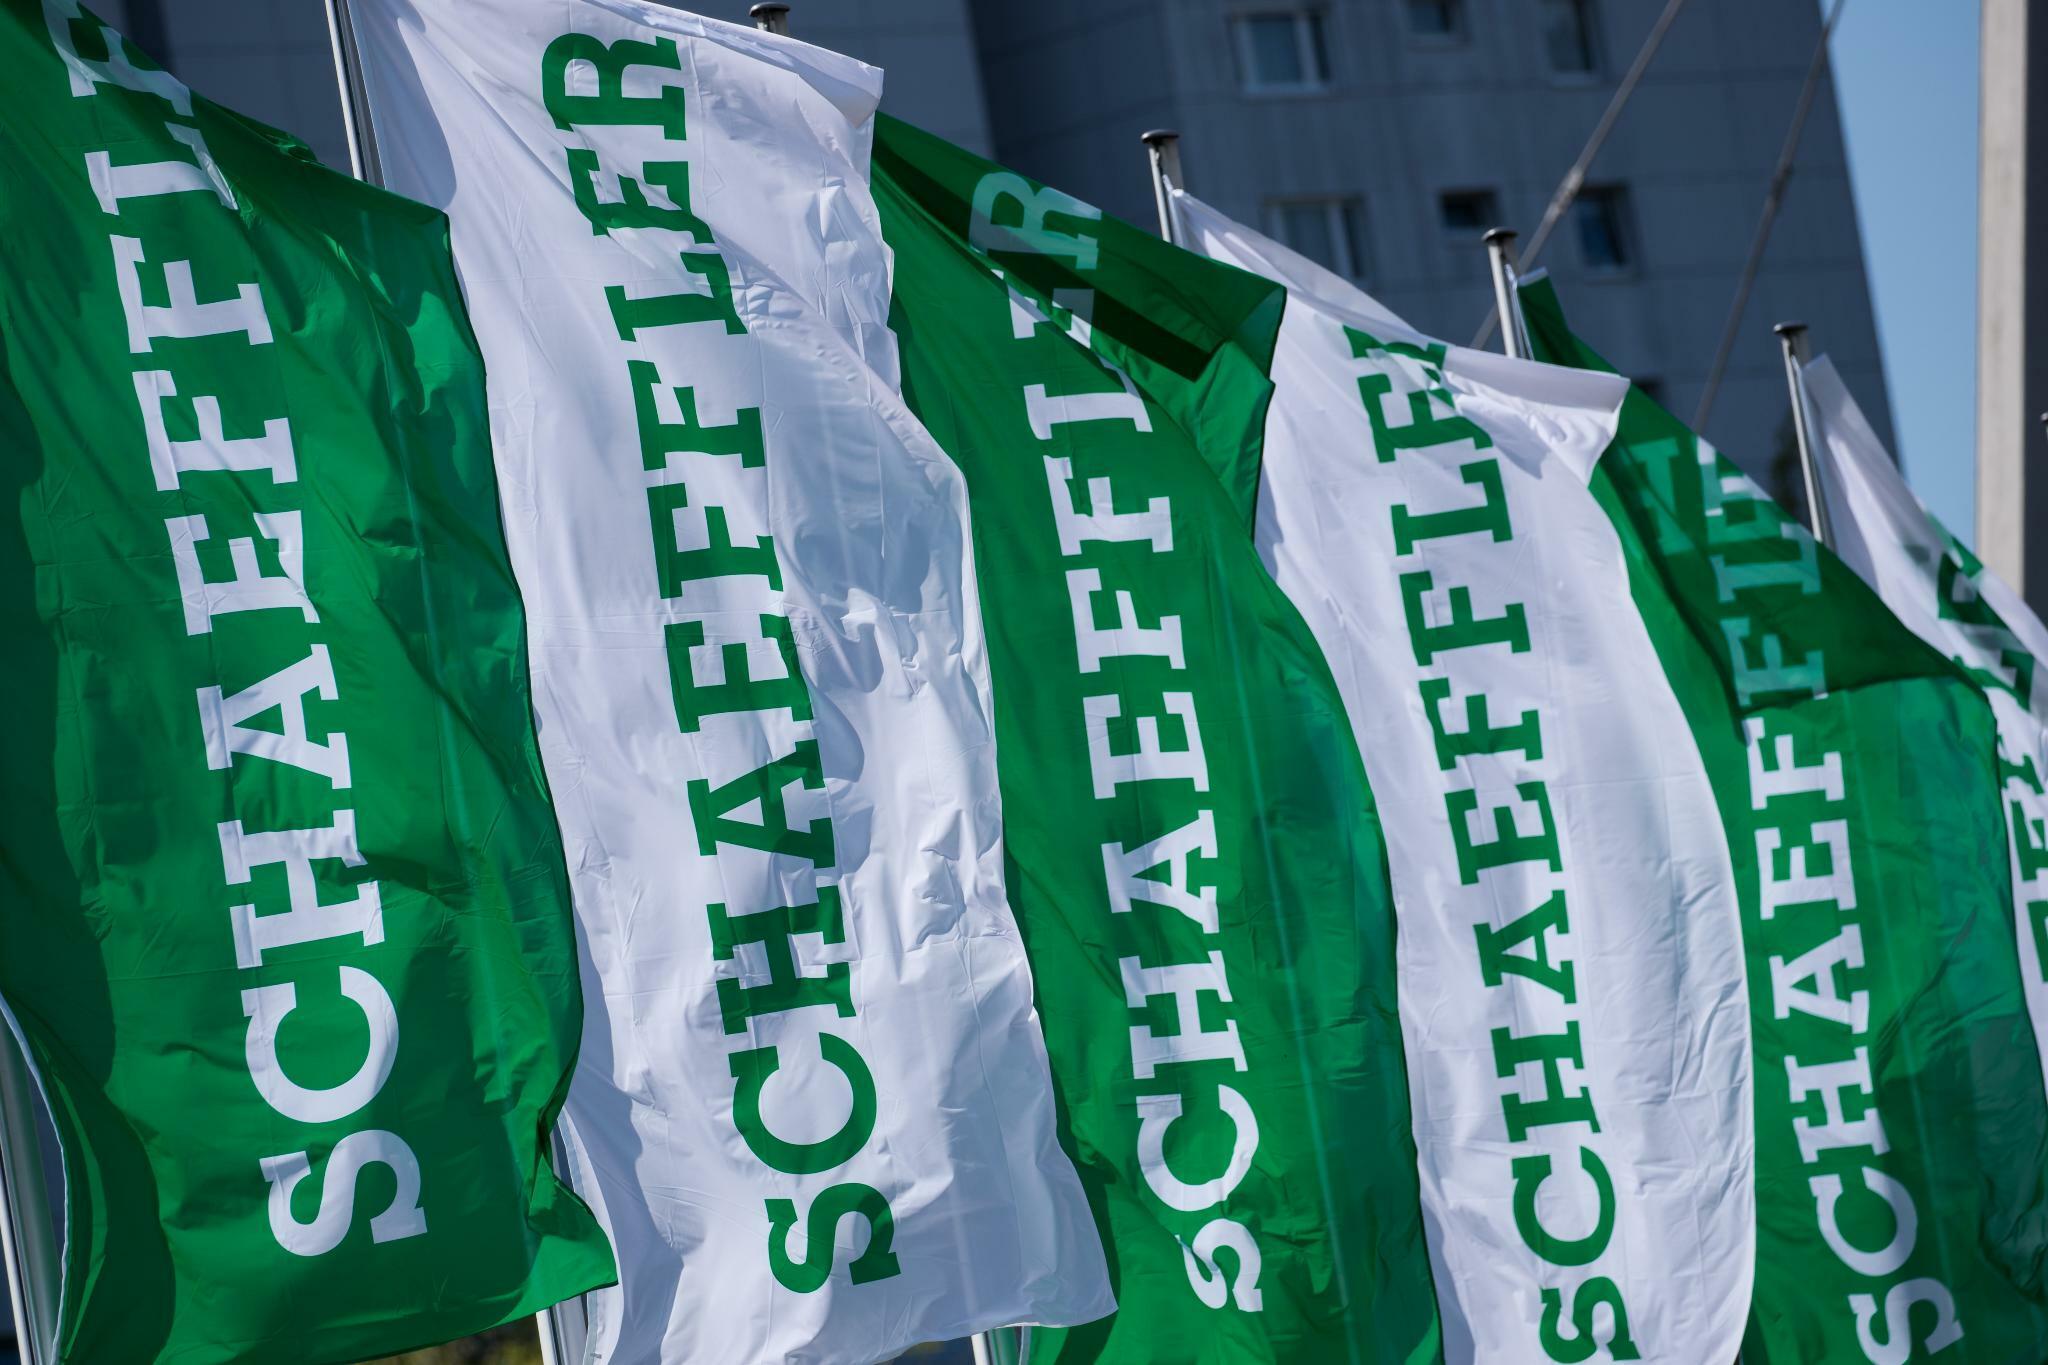 Agentur S&P senkt Bonitätsausblick für Autozulieferer Schaeffler